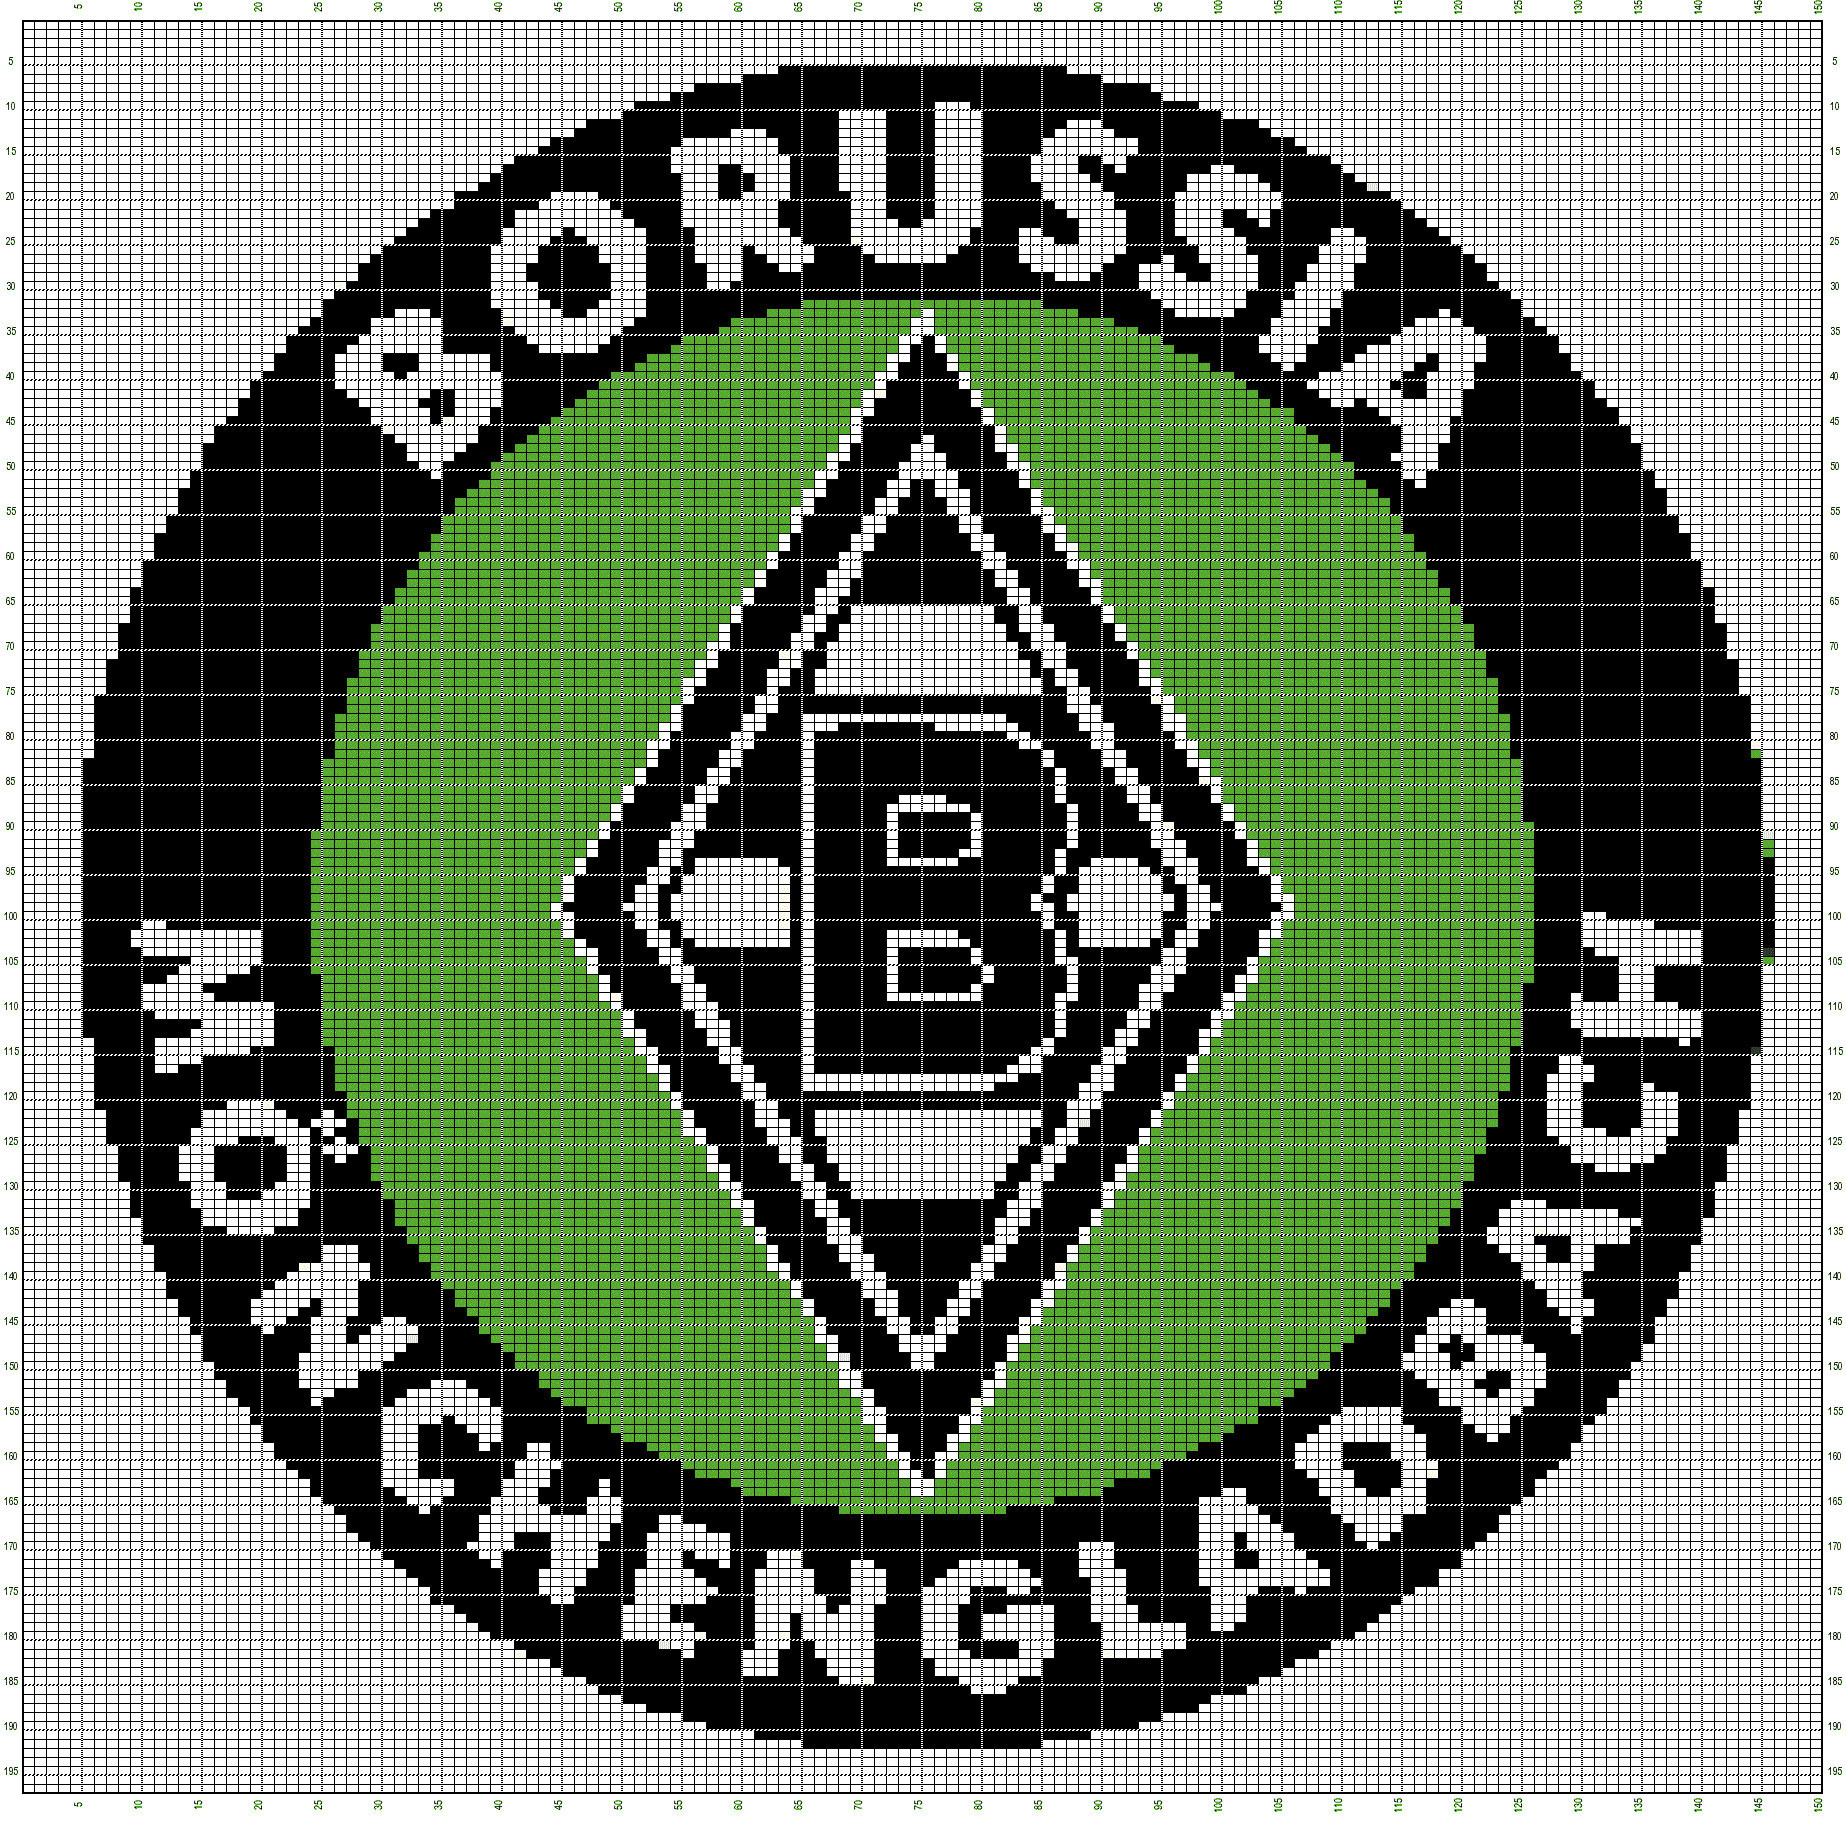 Bundesliga Wappen Zum Ausmalen Einzigartig Borussia Mönchengladbach 150x195 Gladbach Nostalgia Einzigartig Fotos